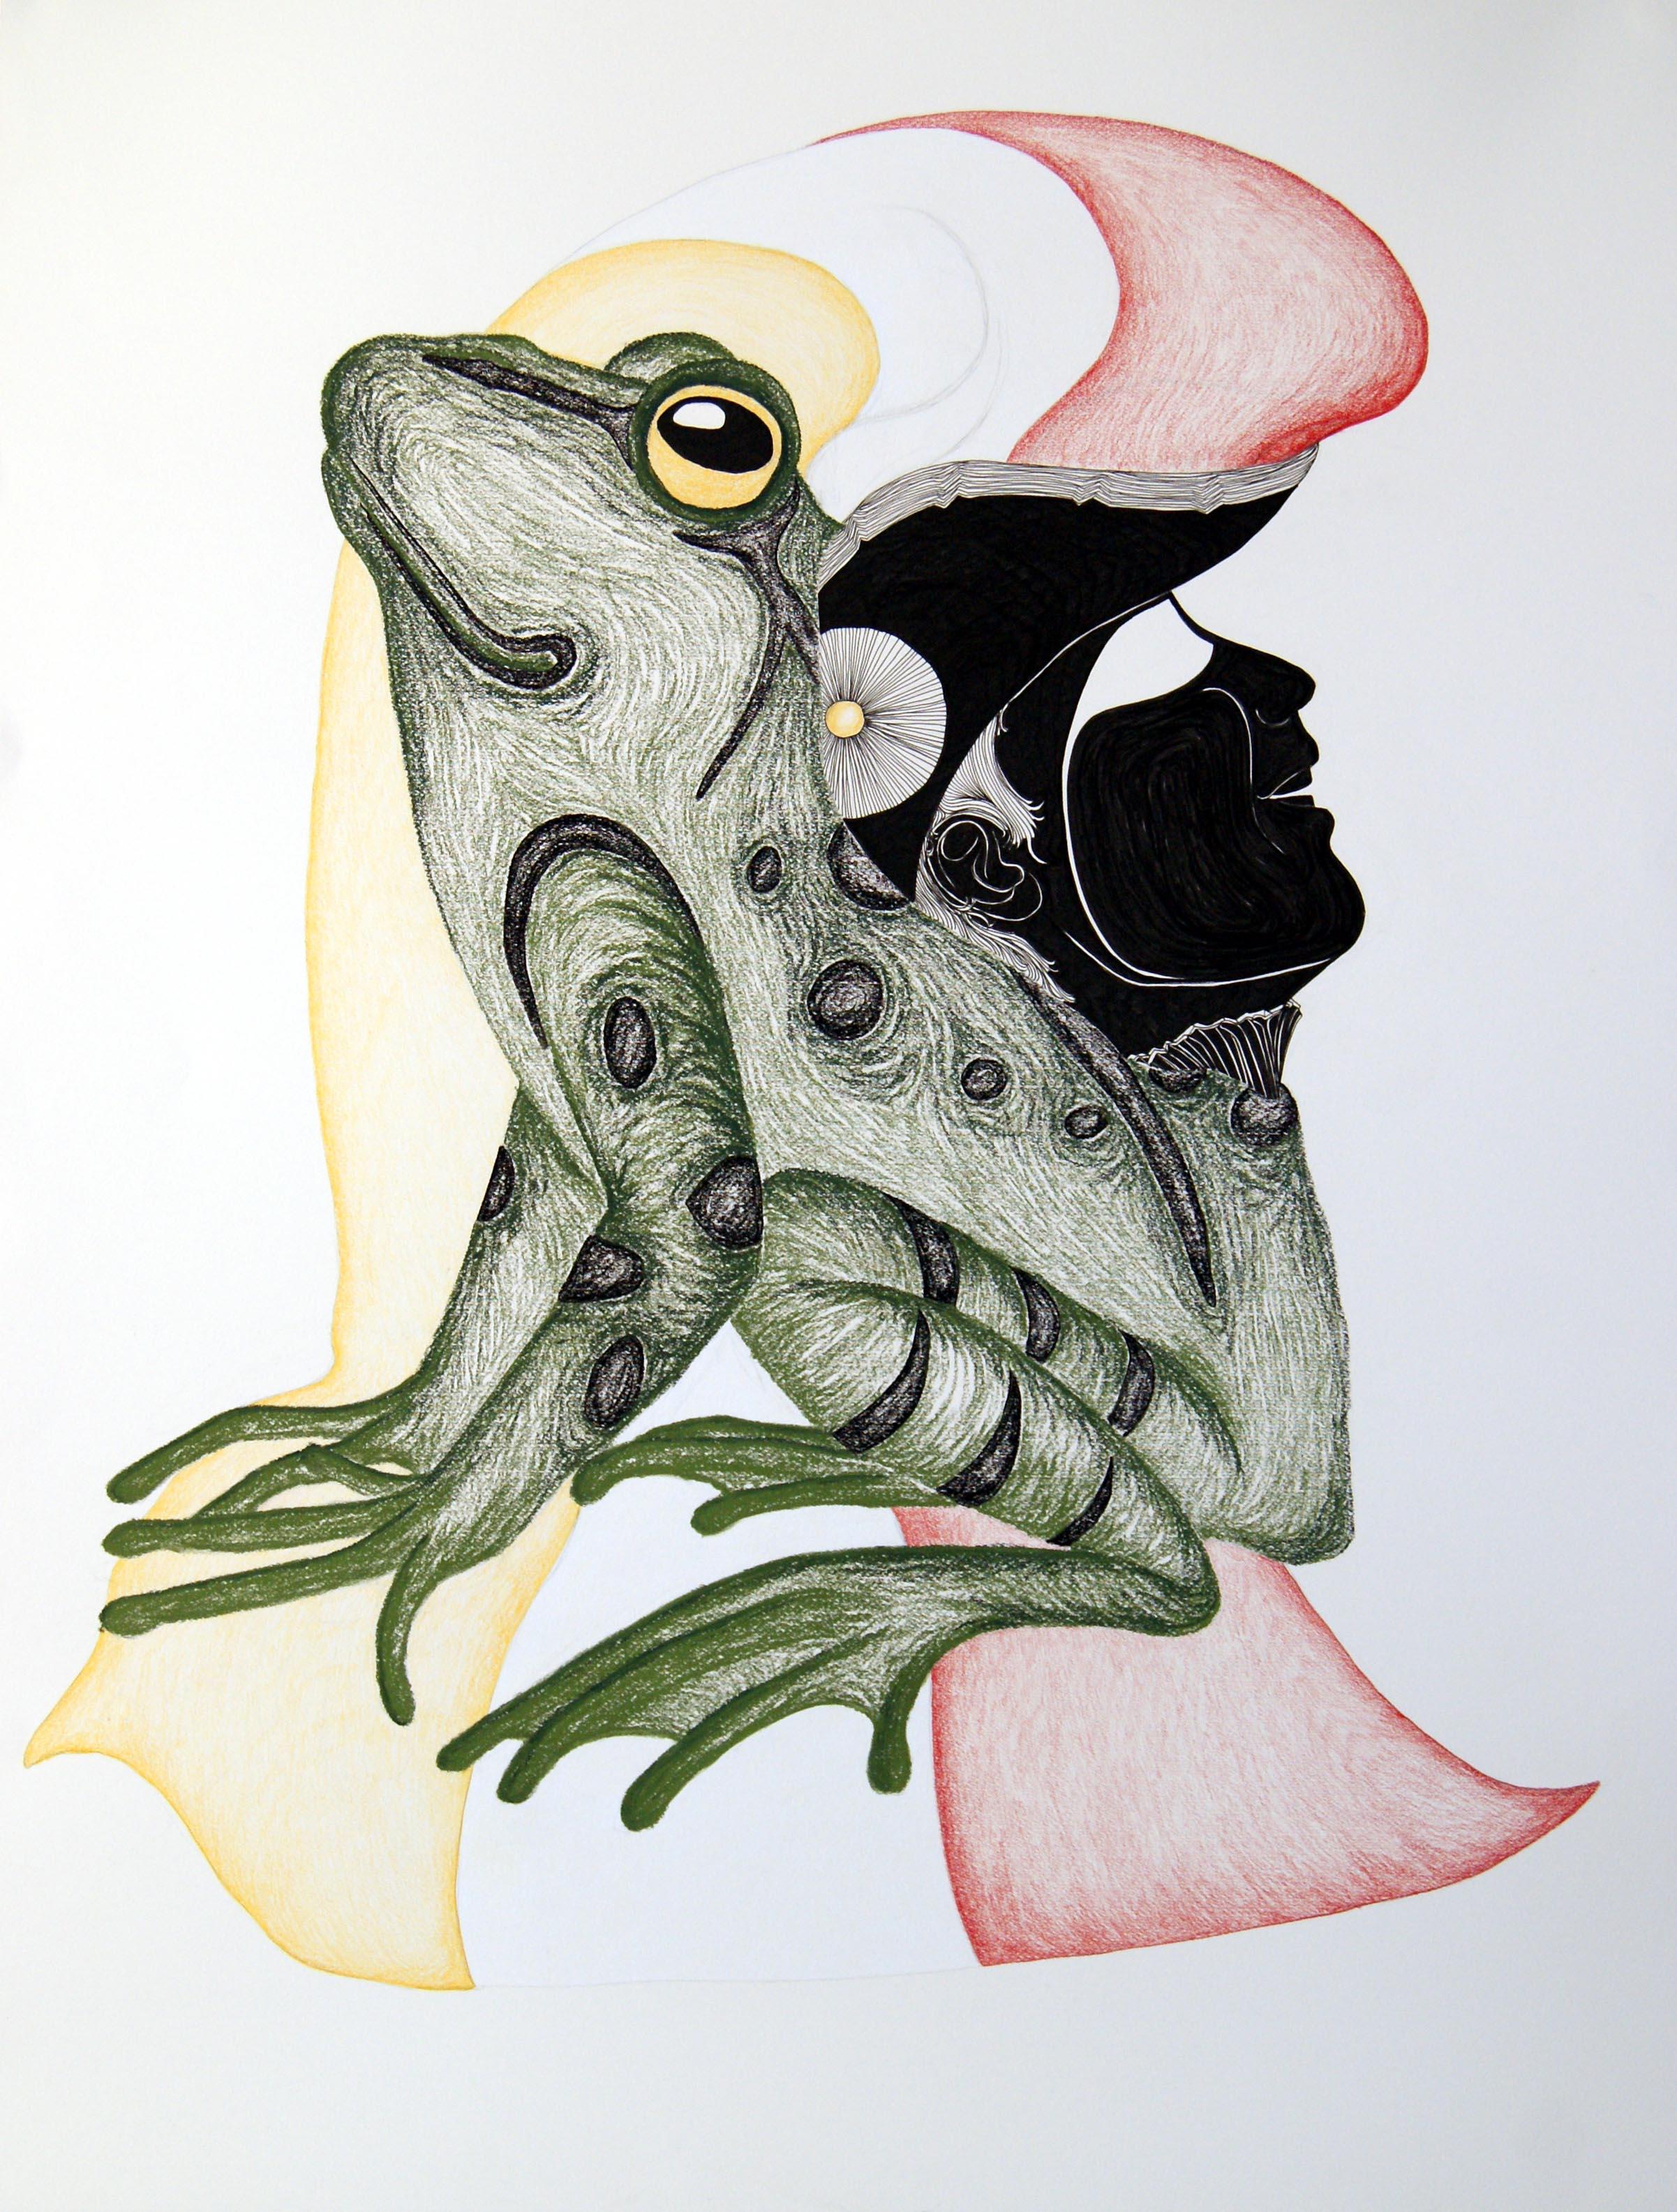 Prins en kikker, 2011